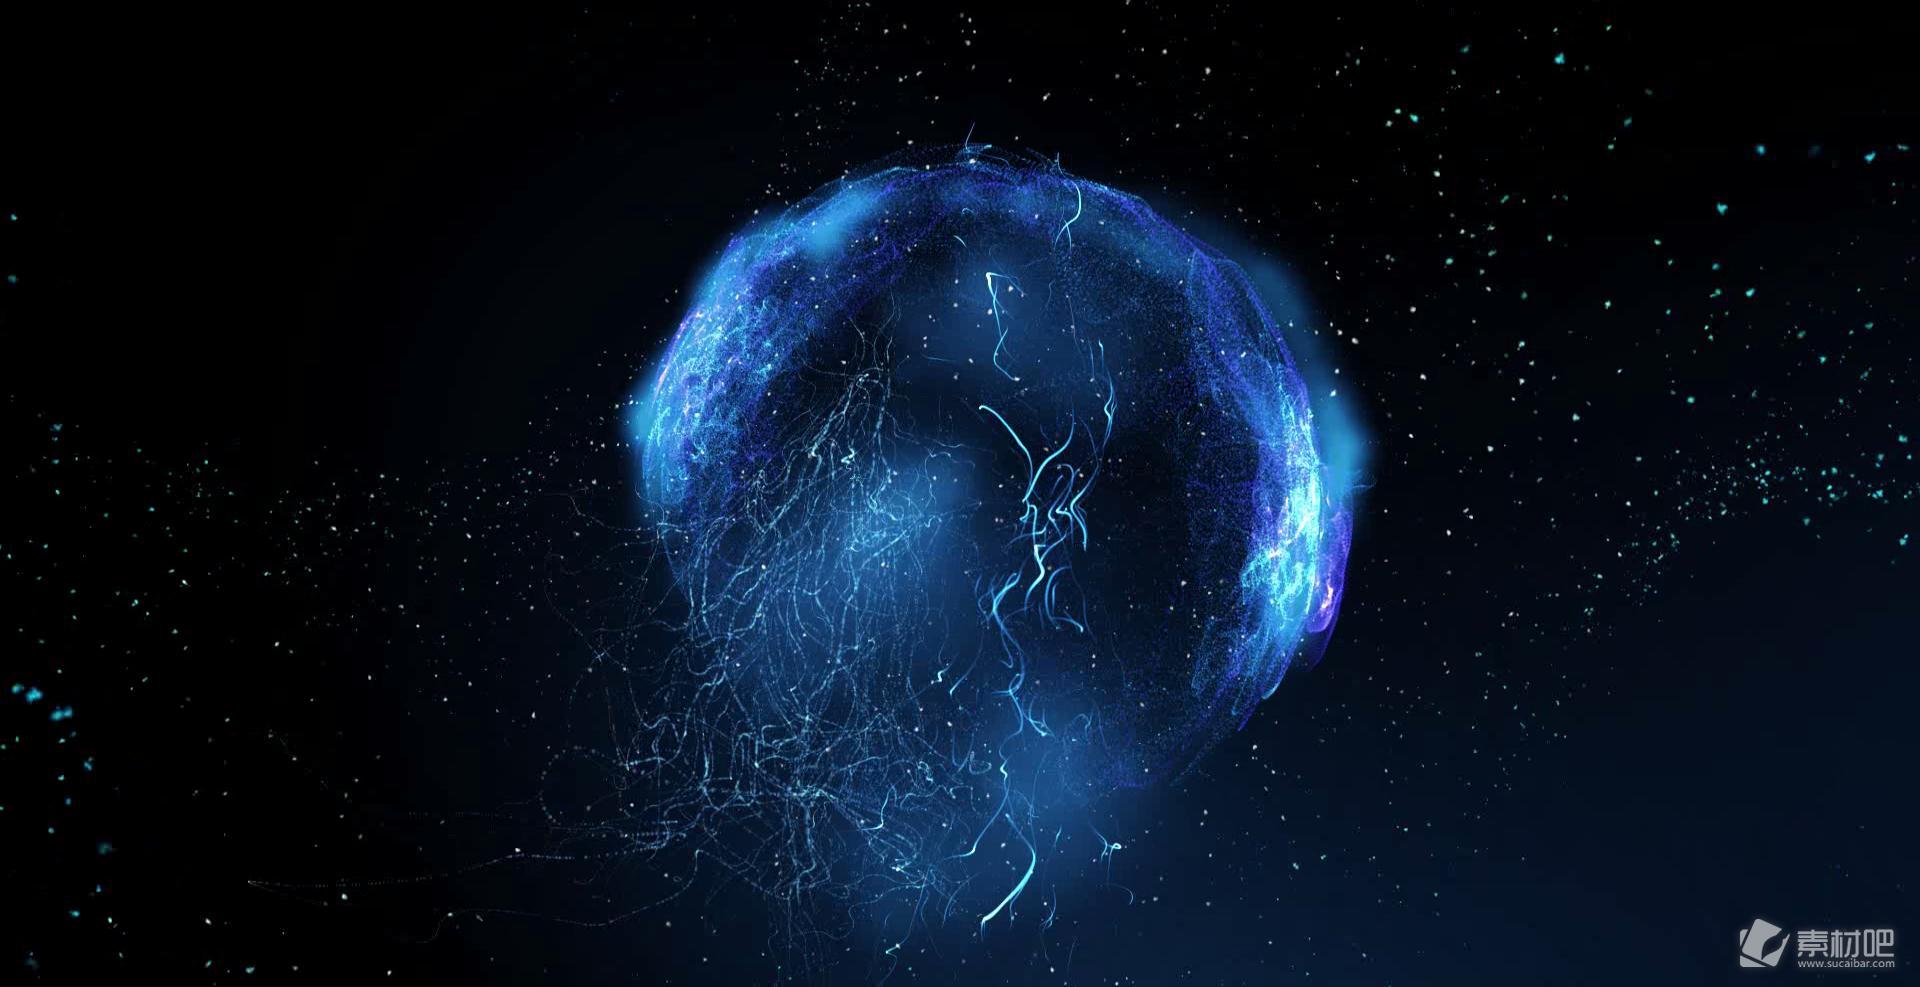 粒子世界三维合成